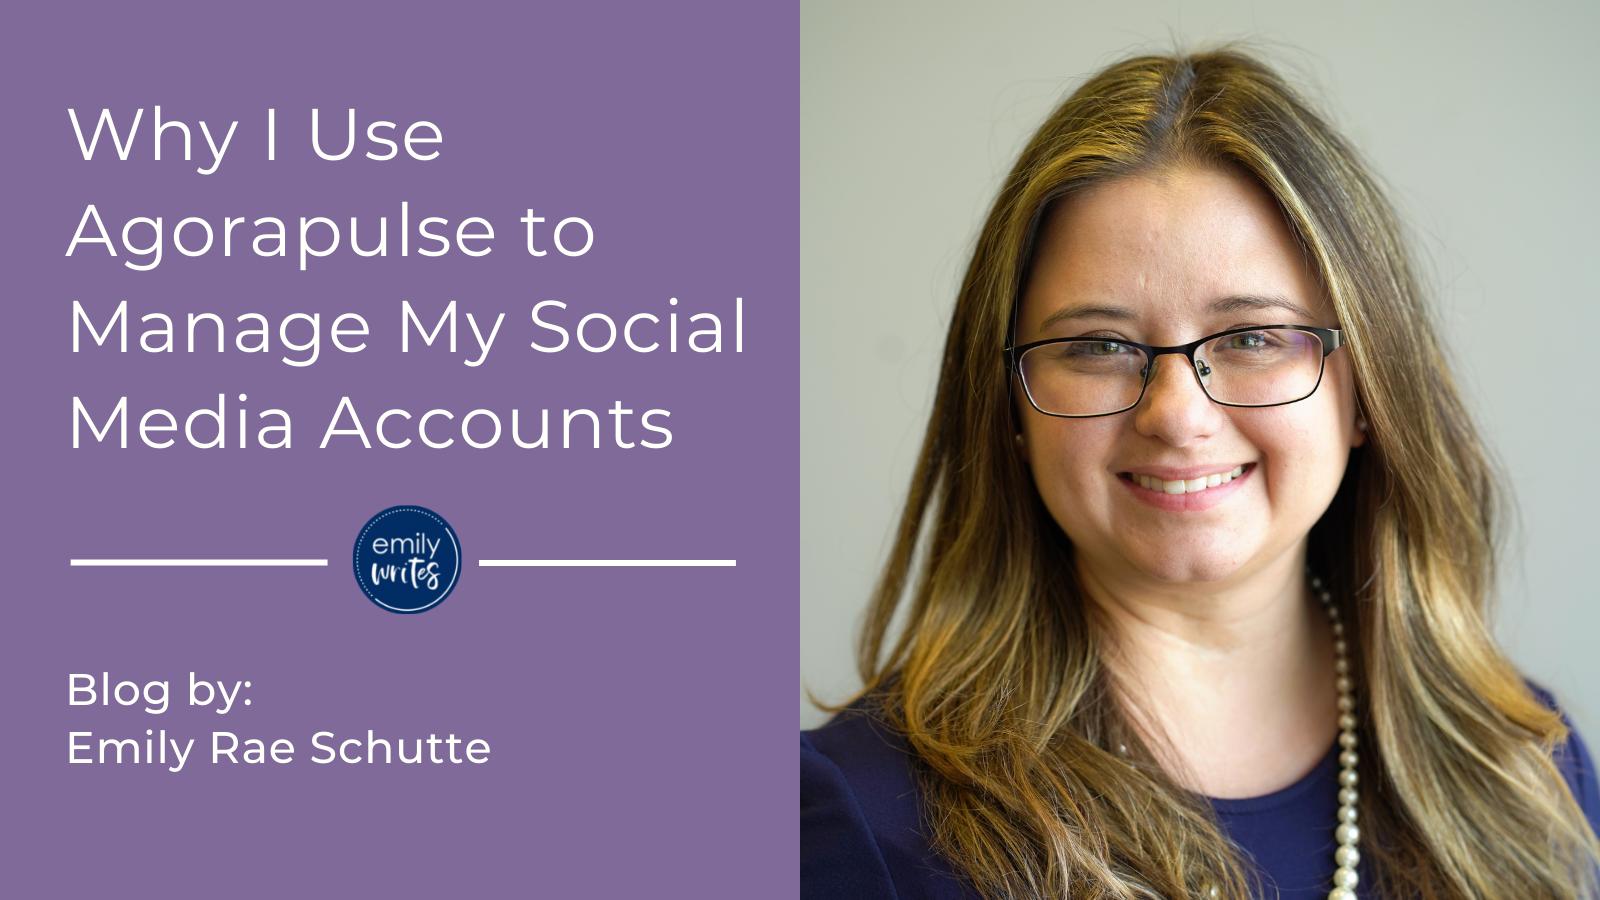 Why I Use Agorapulse to Manage My Social Media Accounts